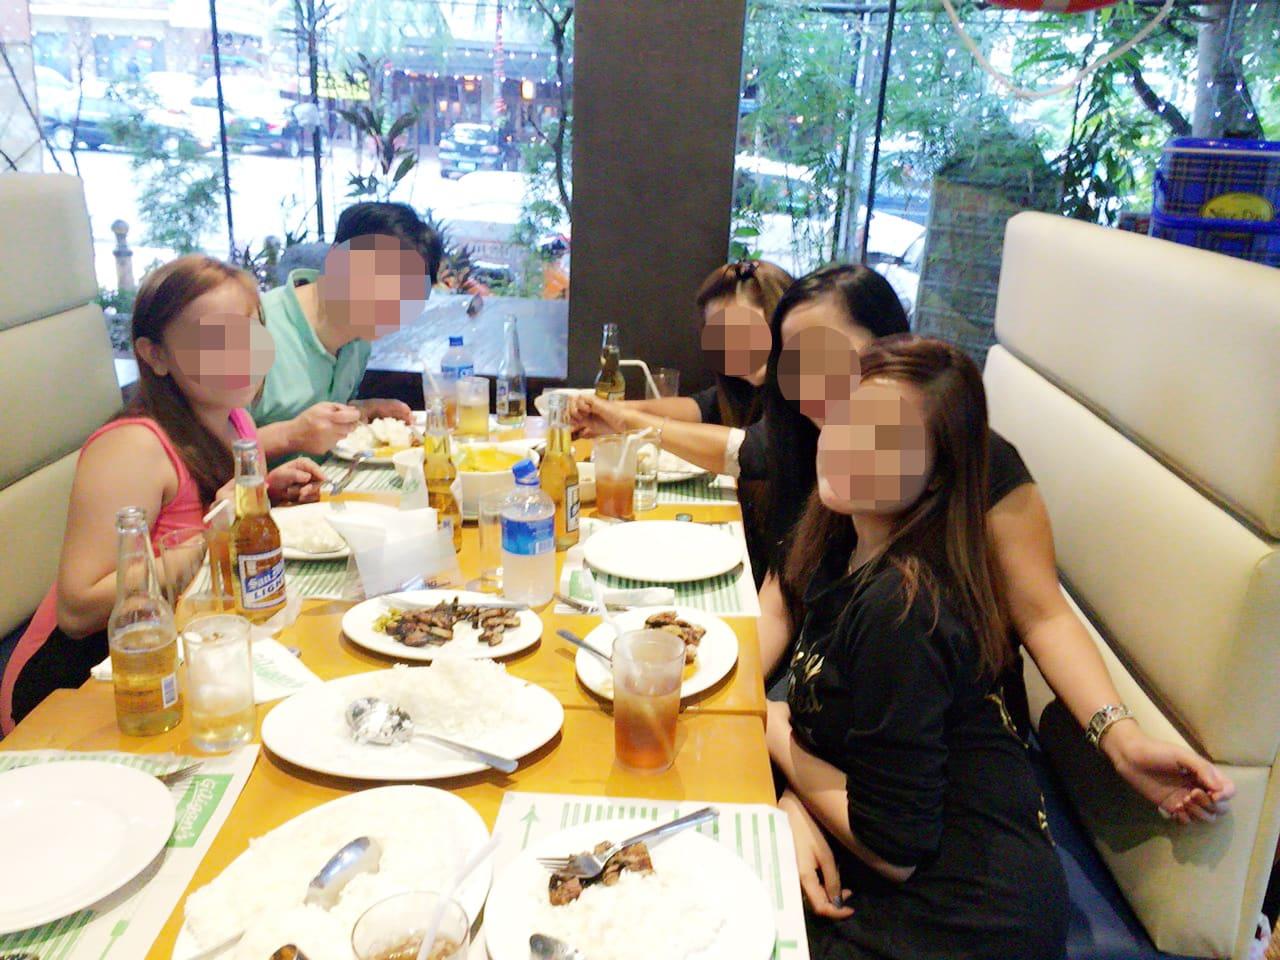 国際結婚希望の美人女性たちとお見合い - レストランで食事